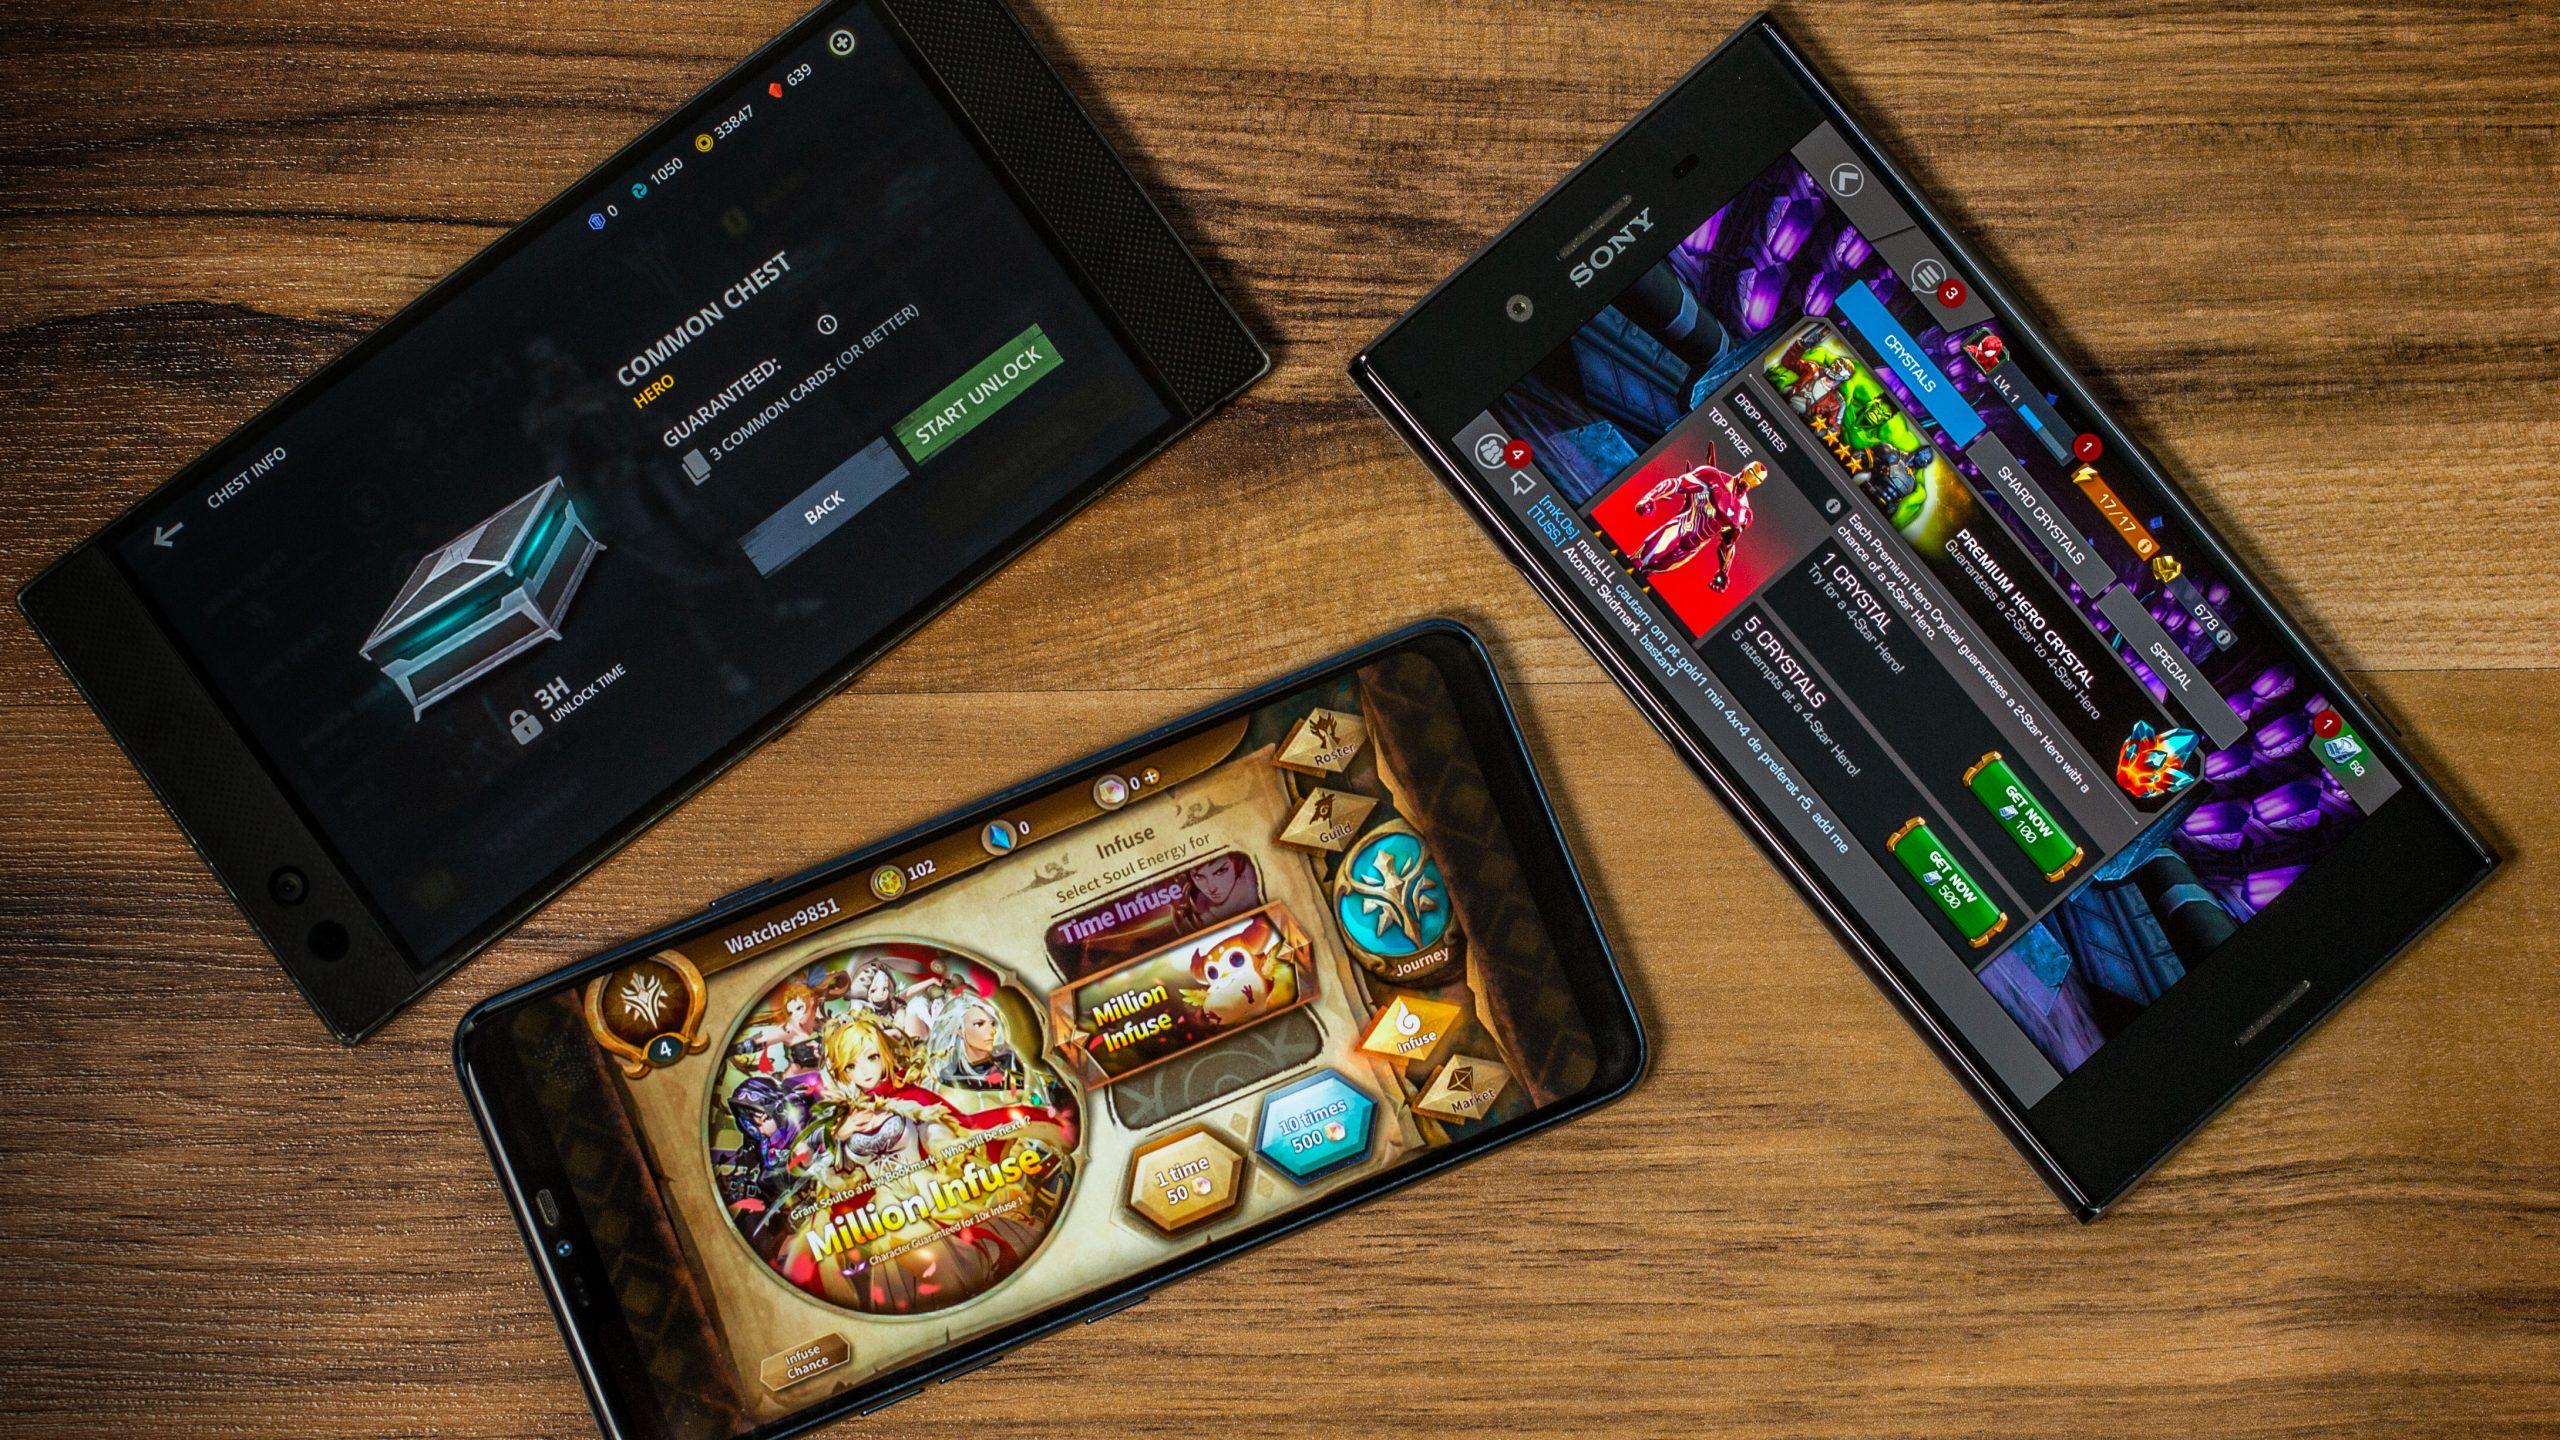 5 kuulsat mängutootjat, kes avaldavad oma mänge Androidile